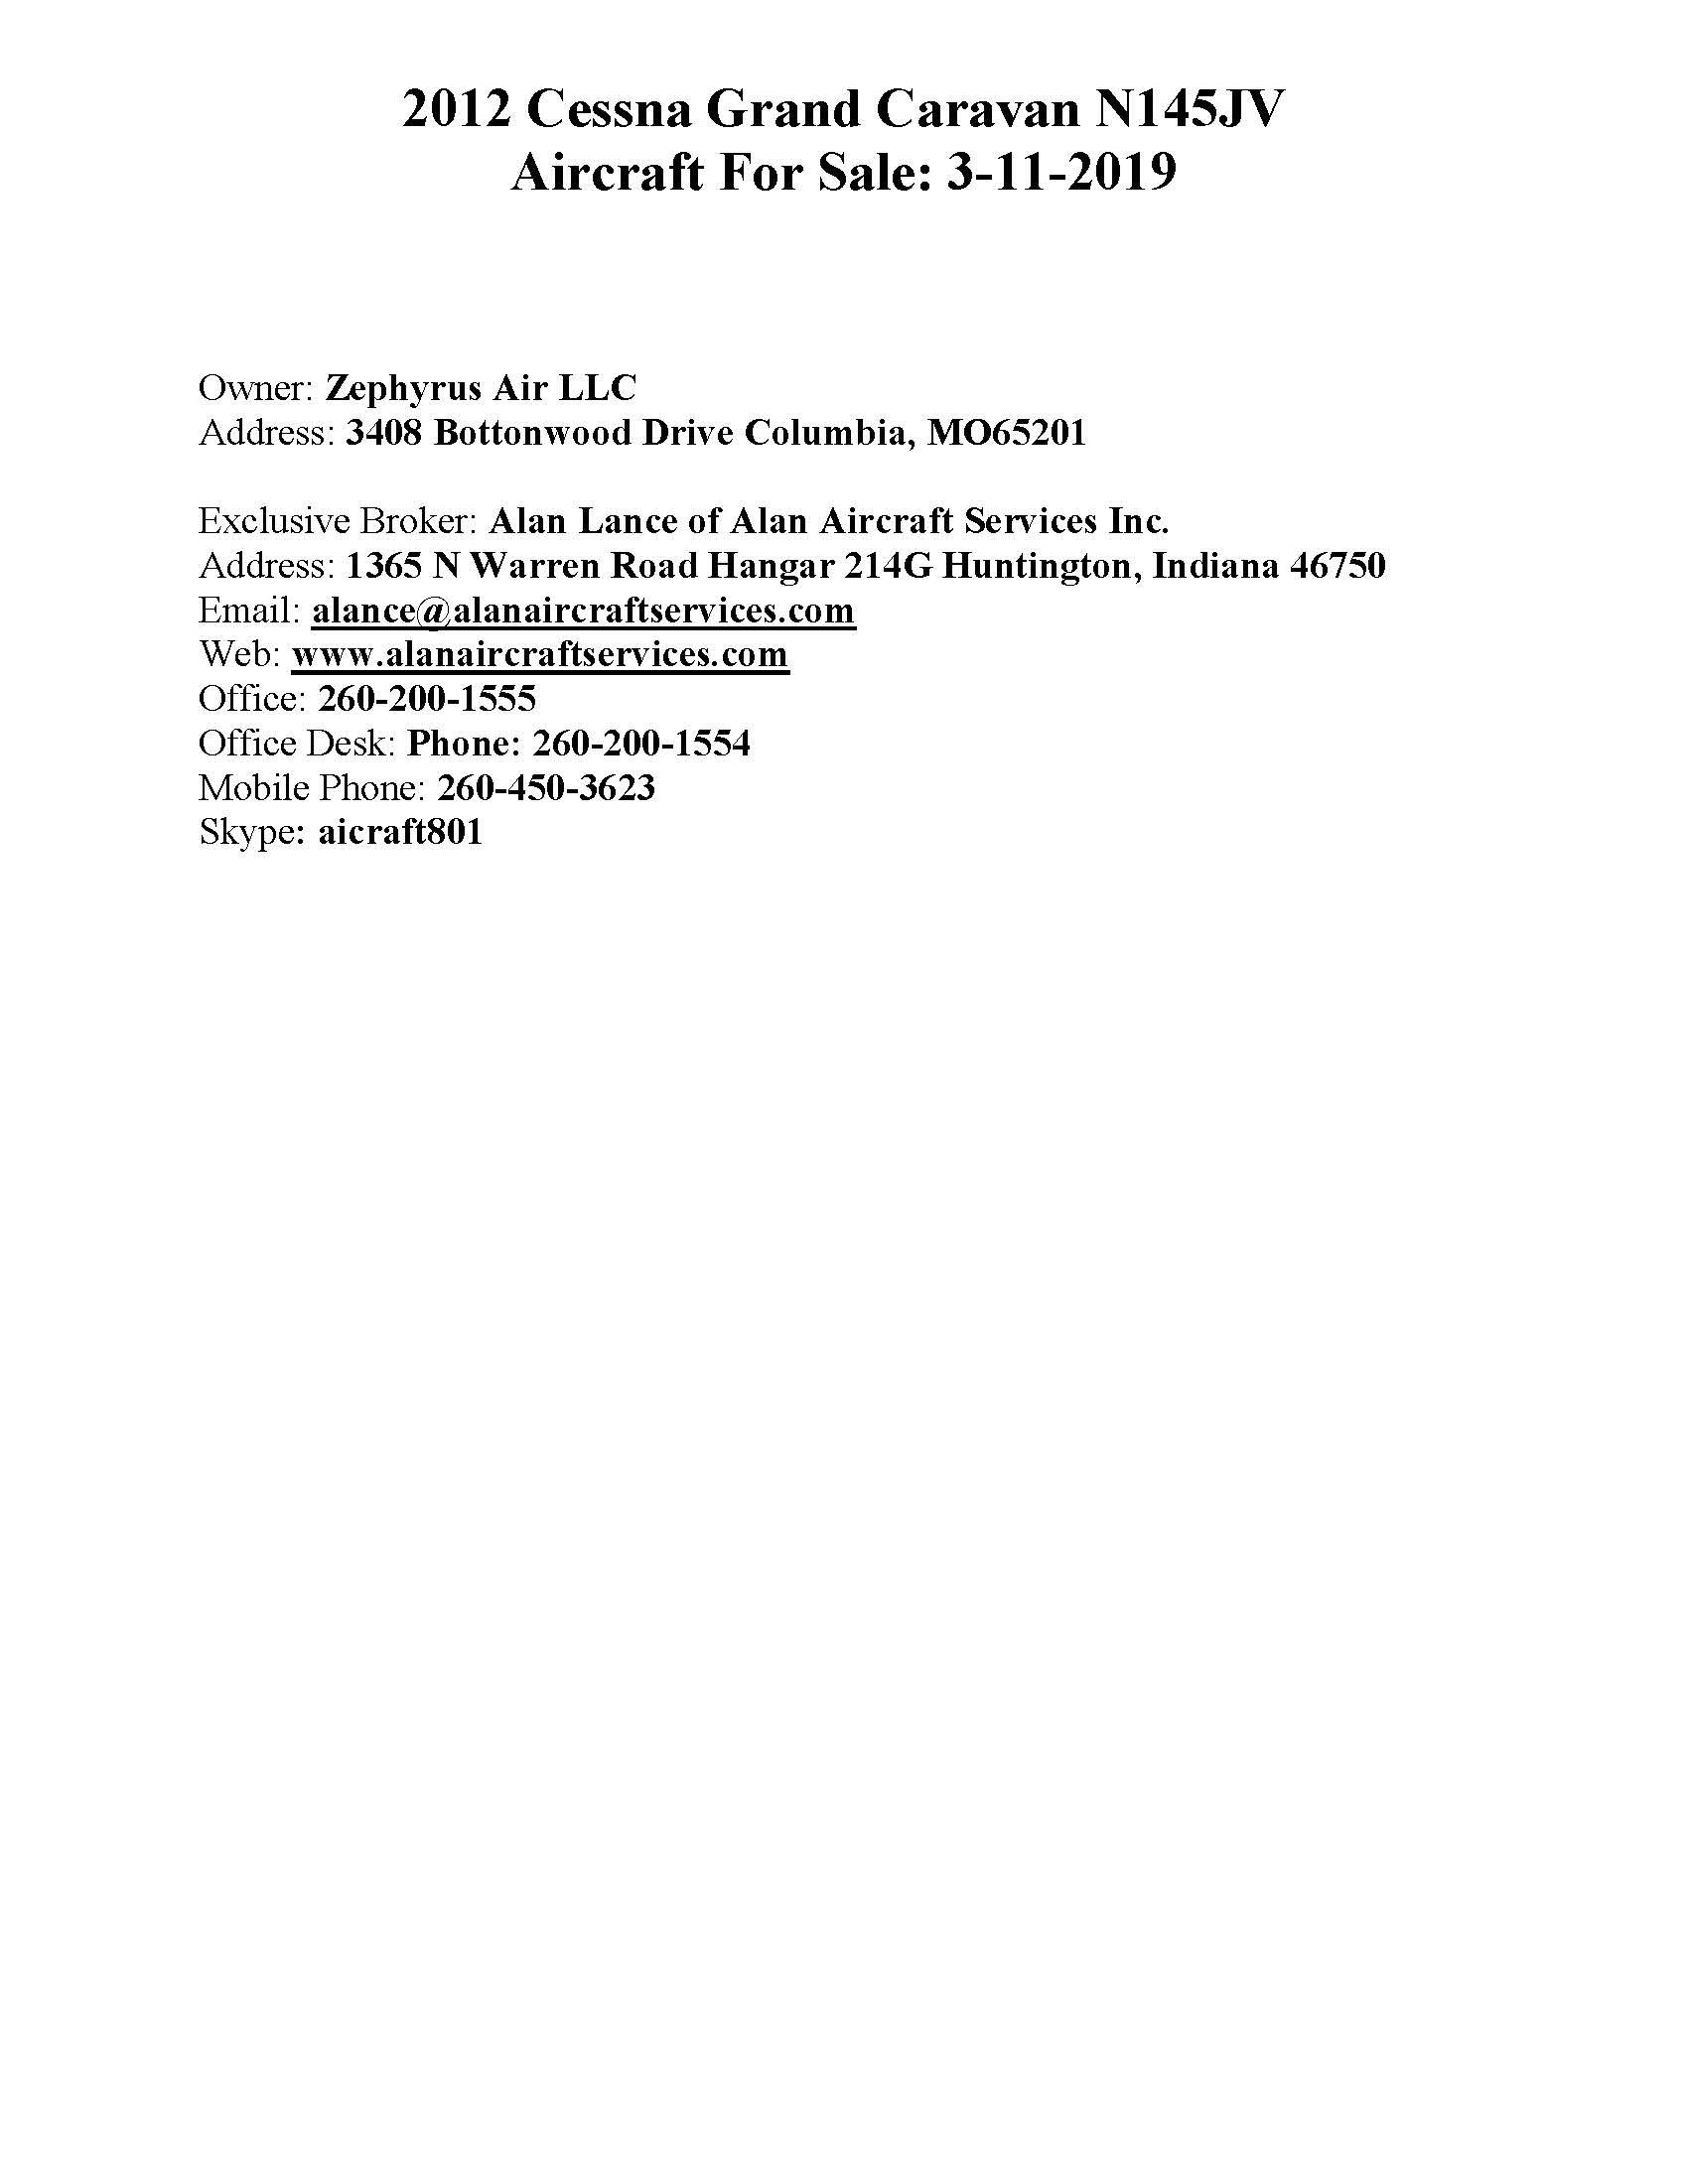 For Sale Document Caravan_Page_3